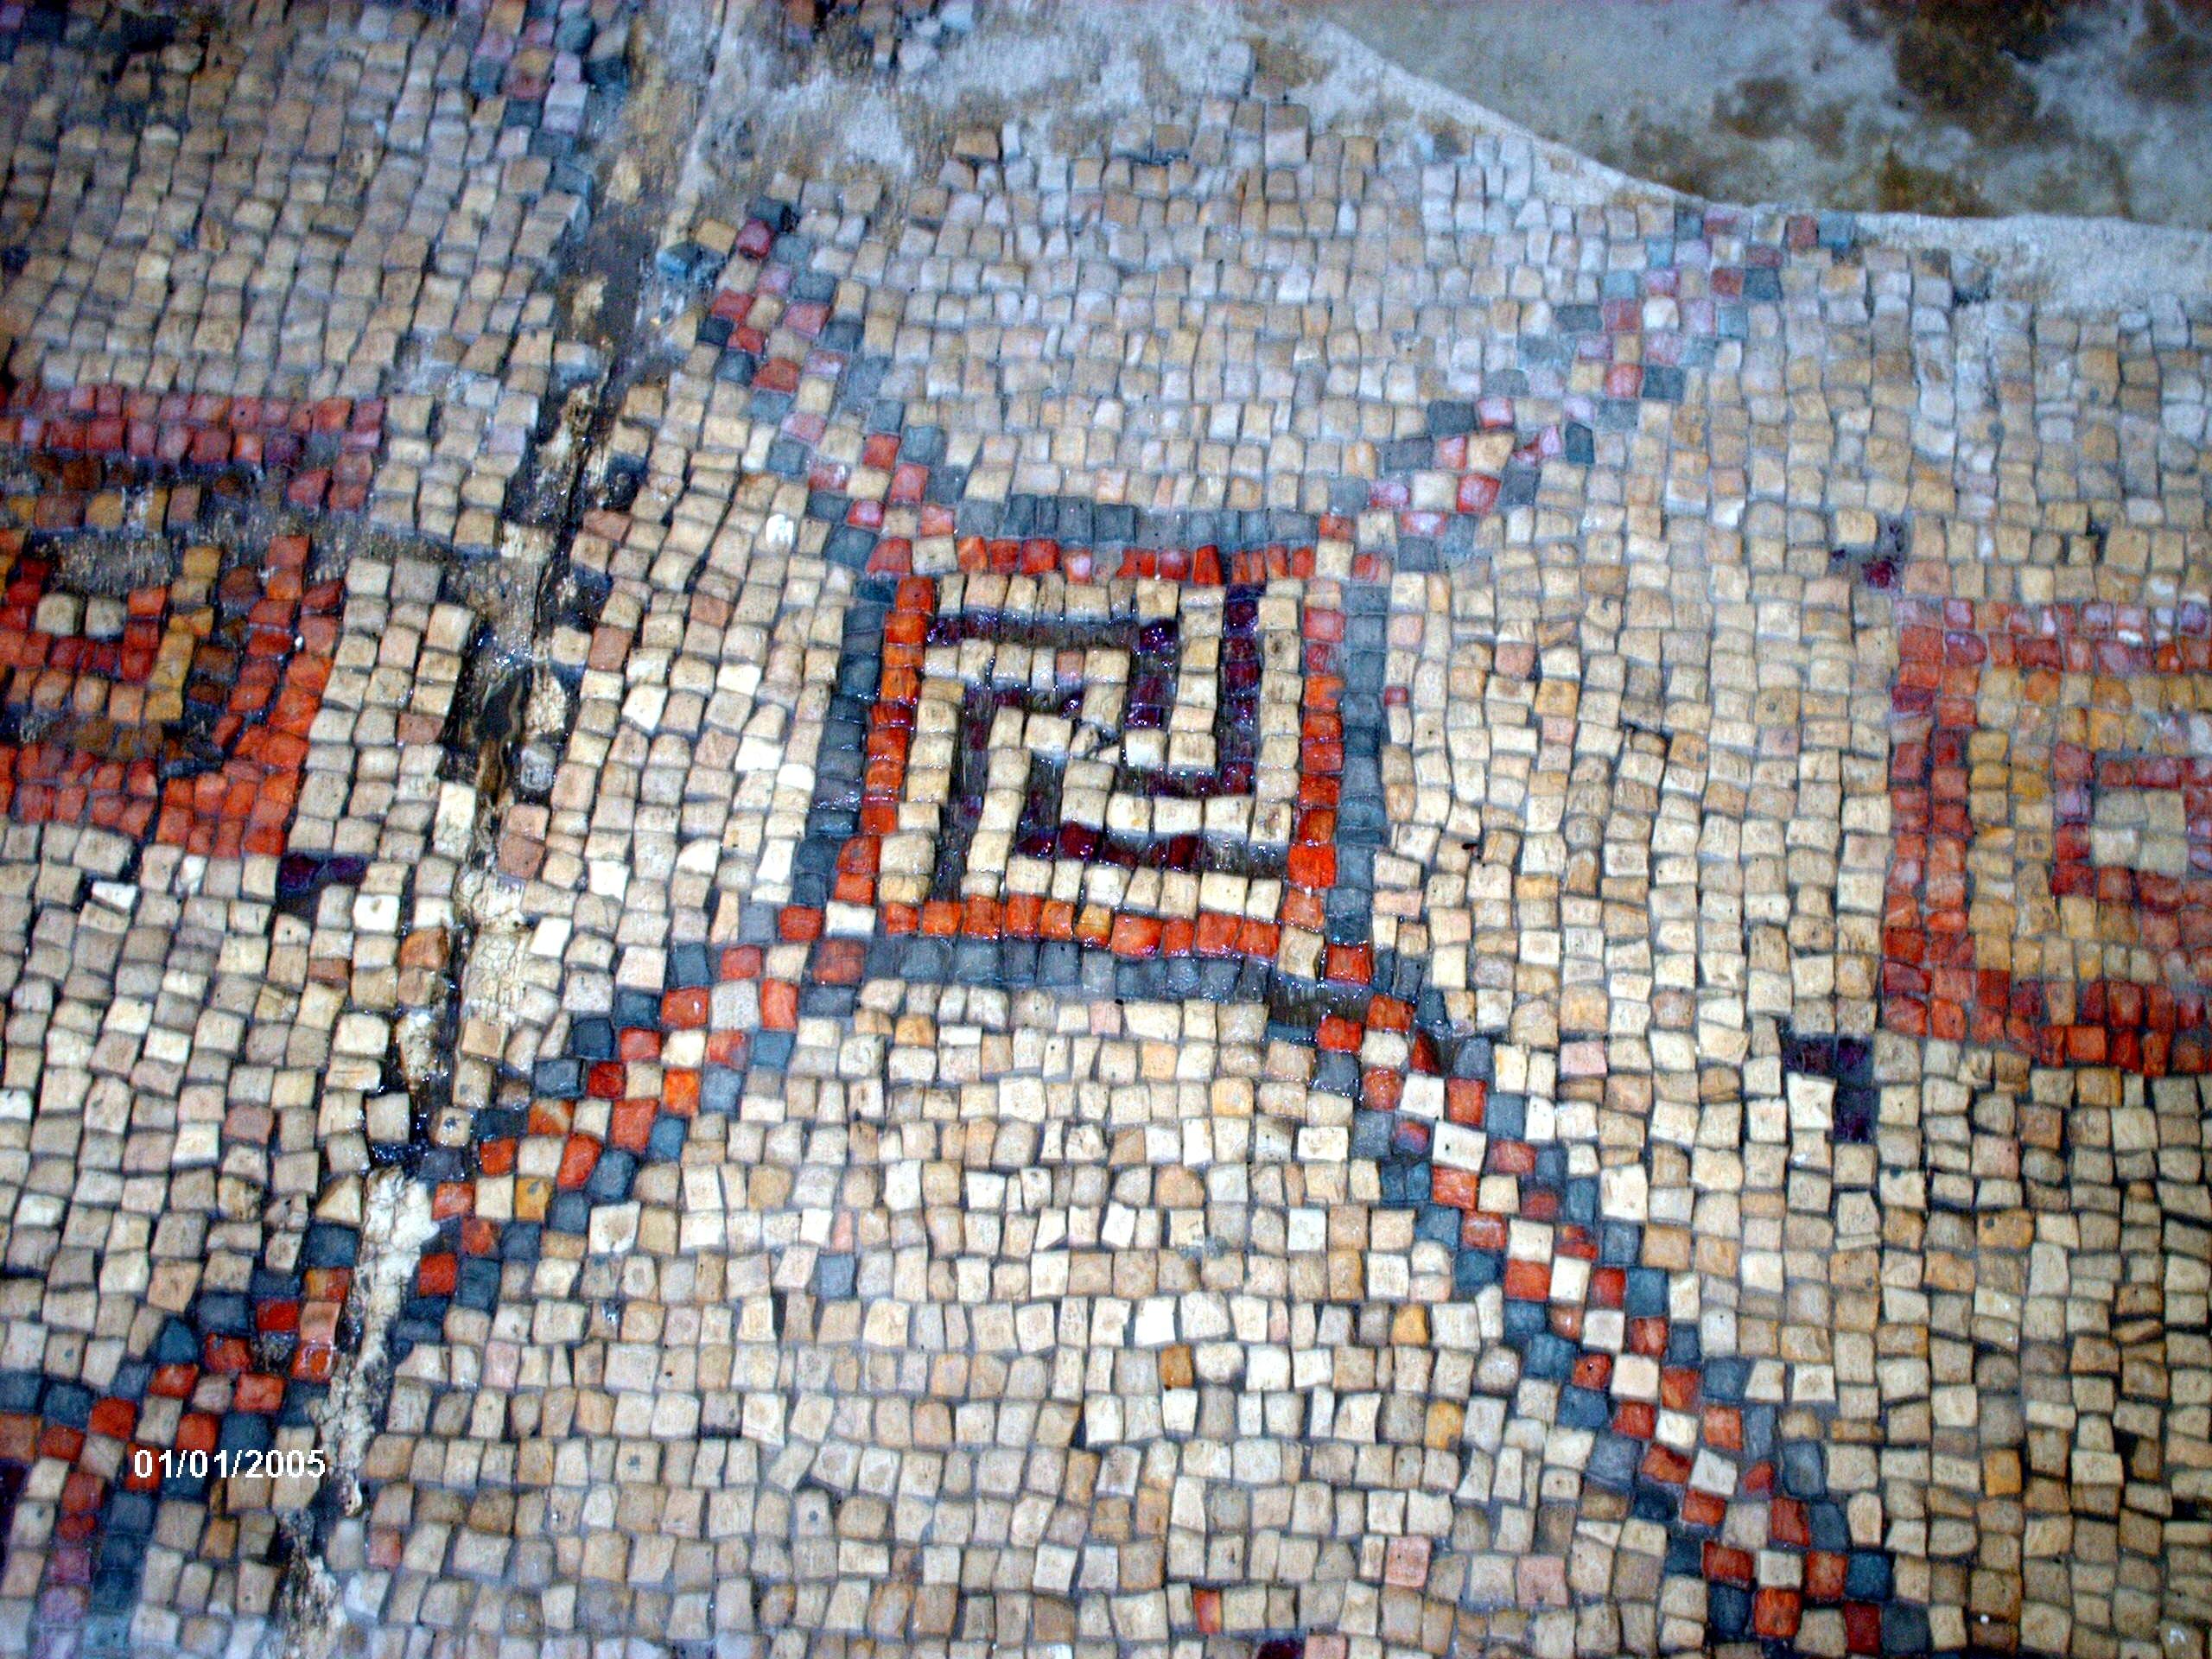 Mirakel alter Synagoge: Swastika-Intarsien in antikem Mosaik